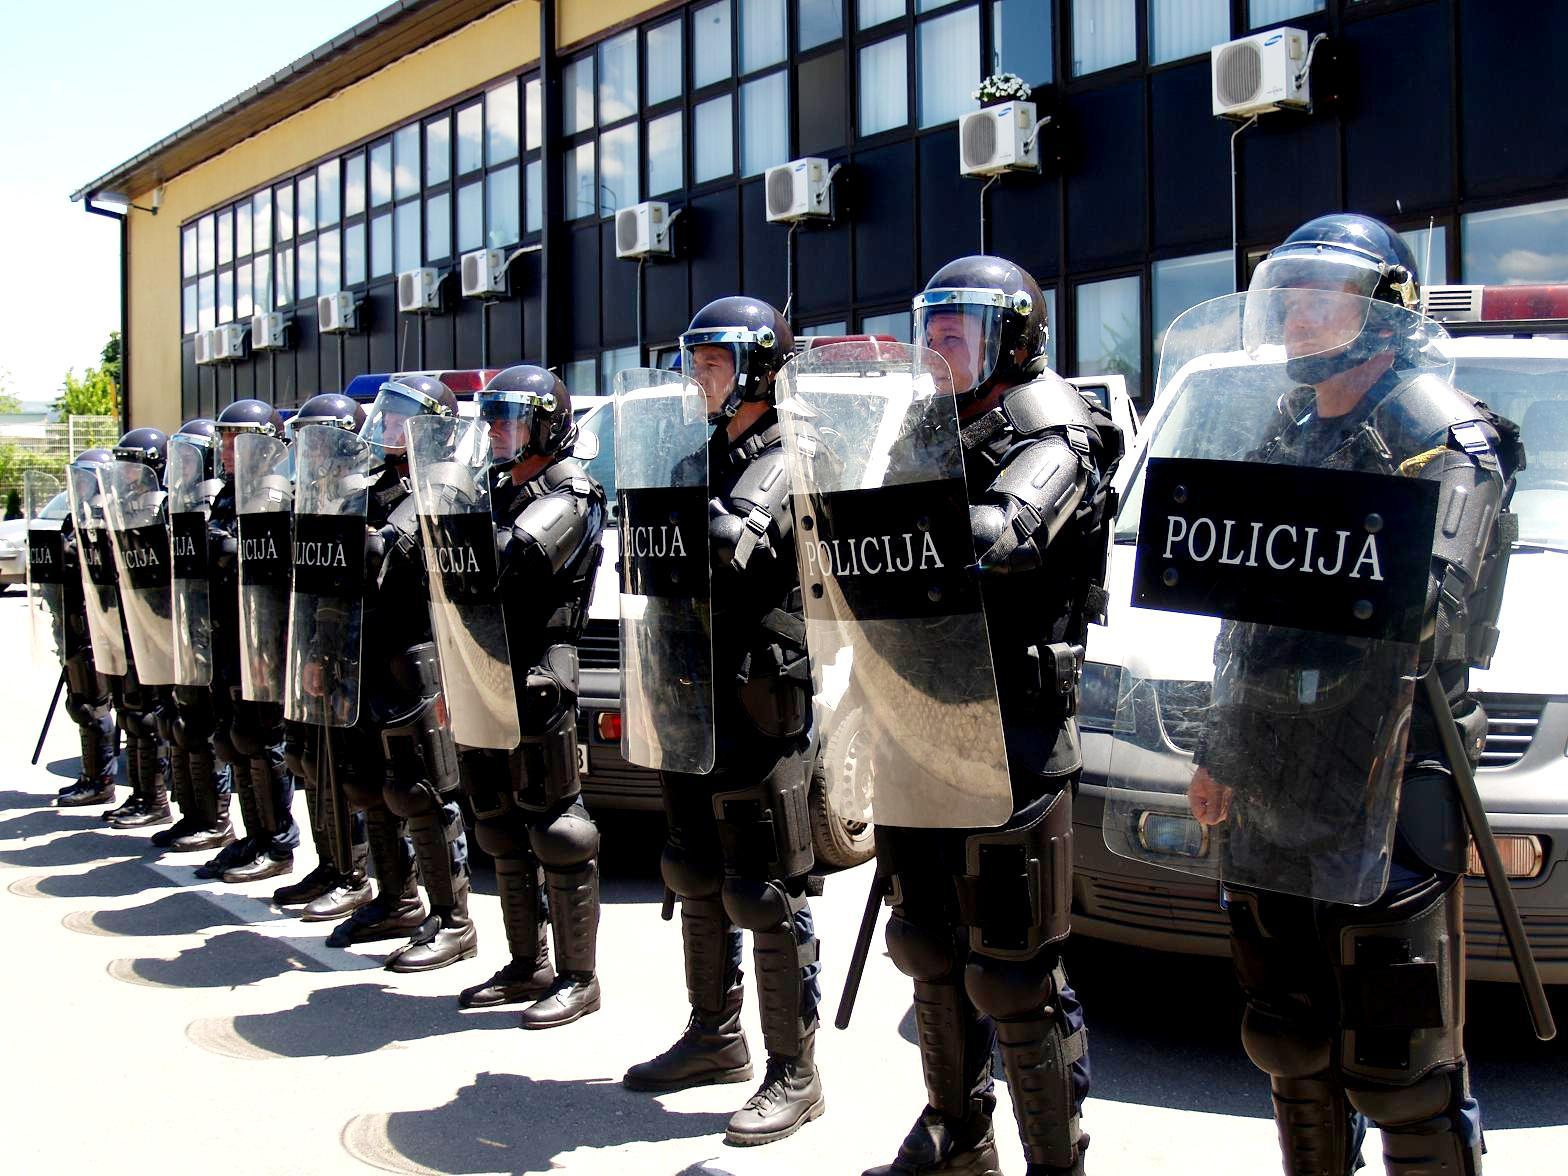 FMUP saopštenje: Prilikom protesta boraca nanešene teške tjelesne povrede načelniku FMUP-a